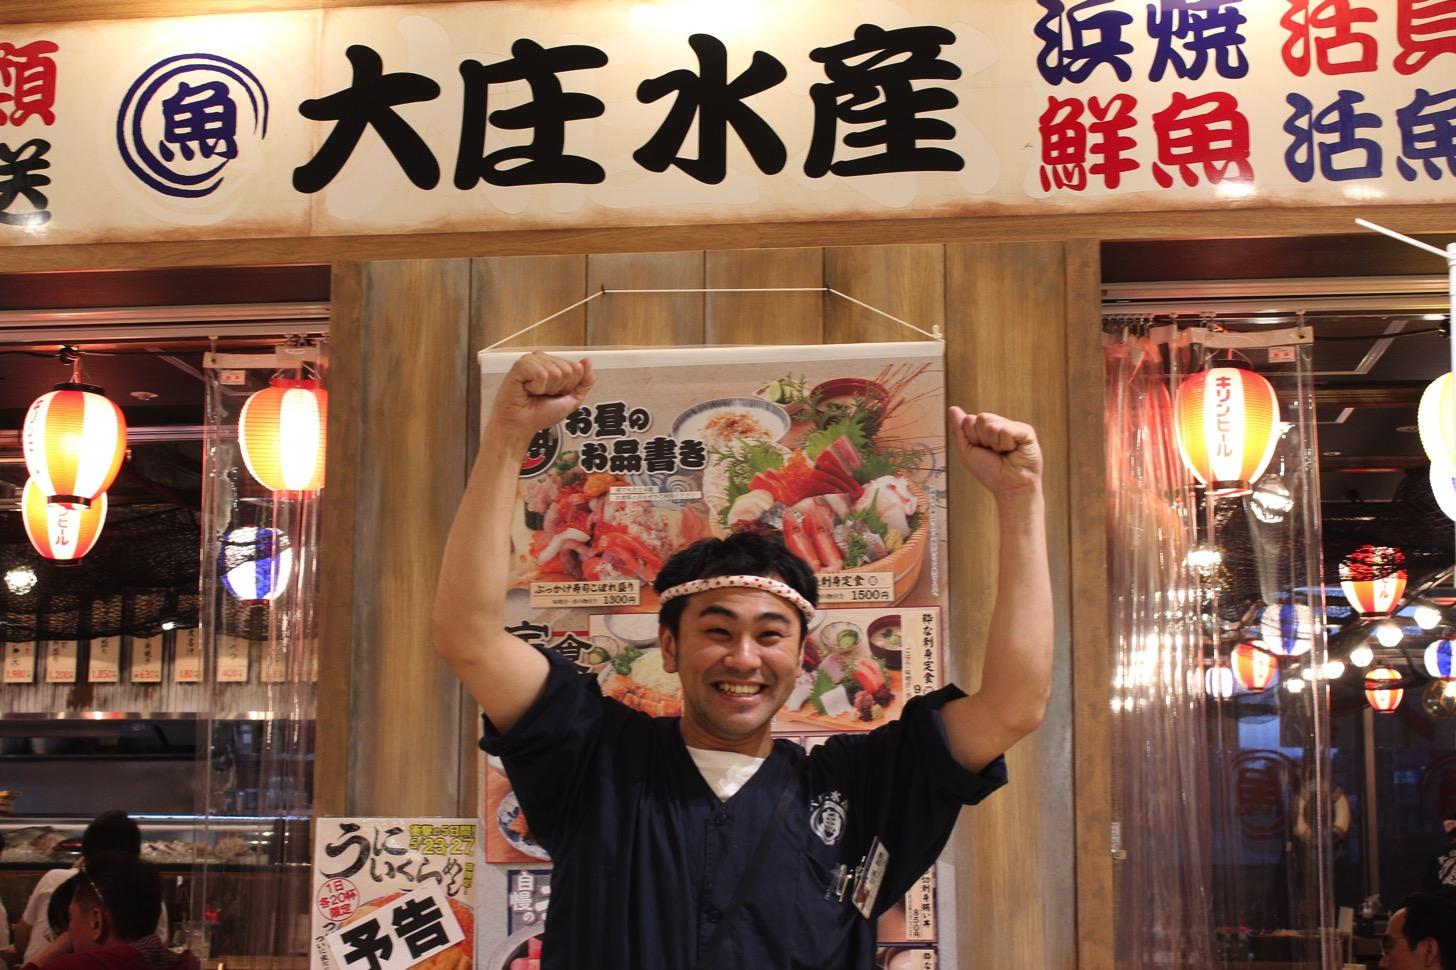 大庄水産の京急蒲田あすとウィズ店